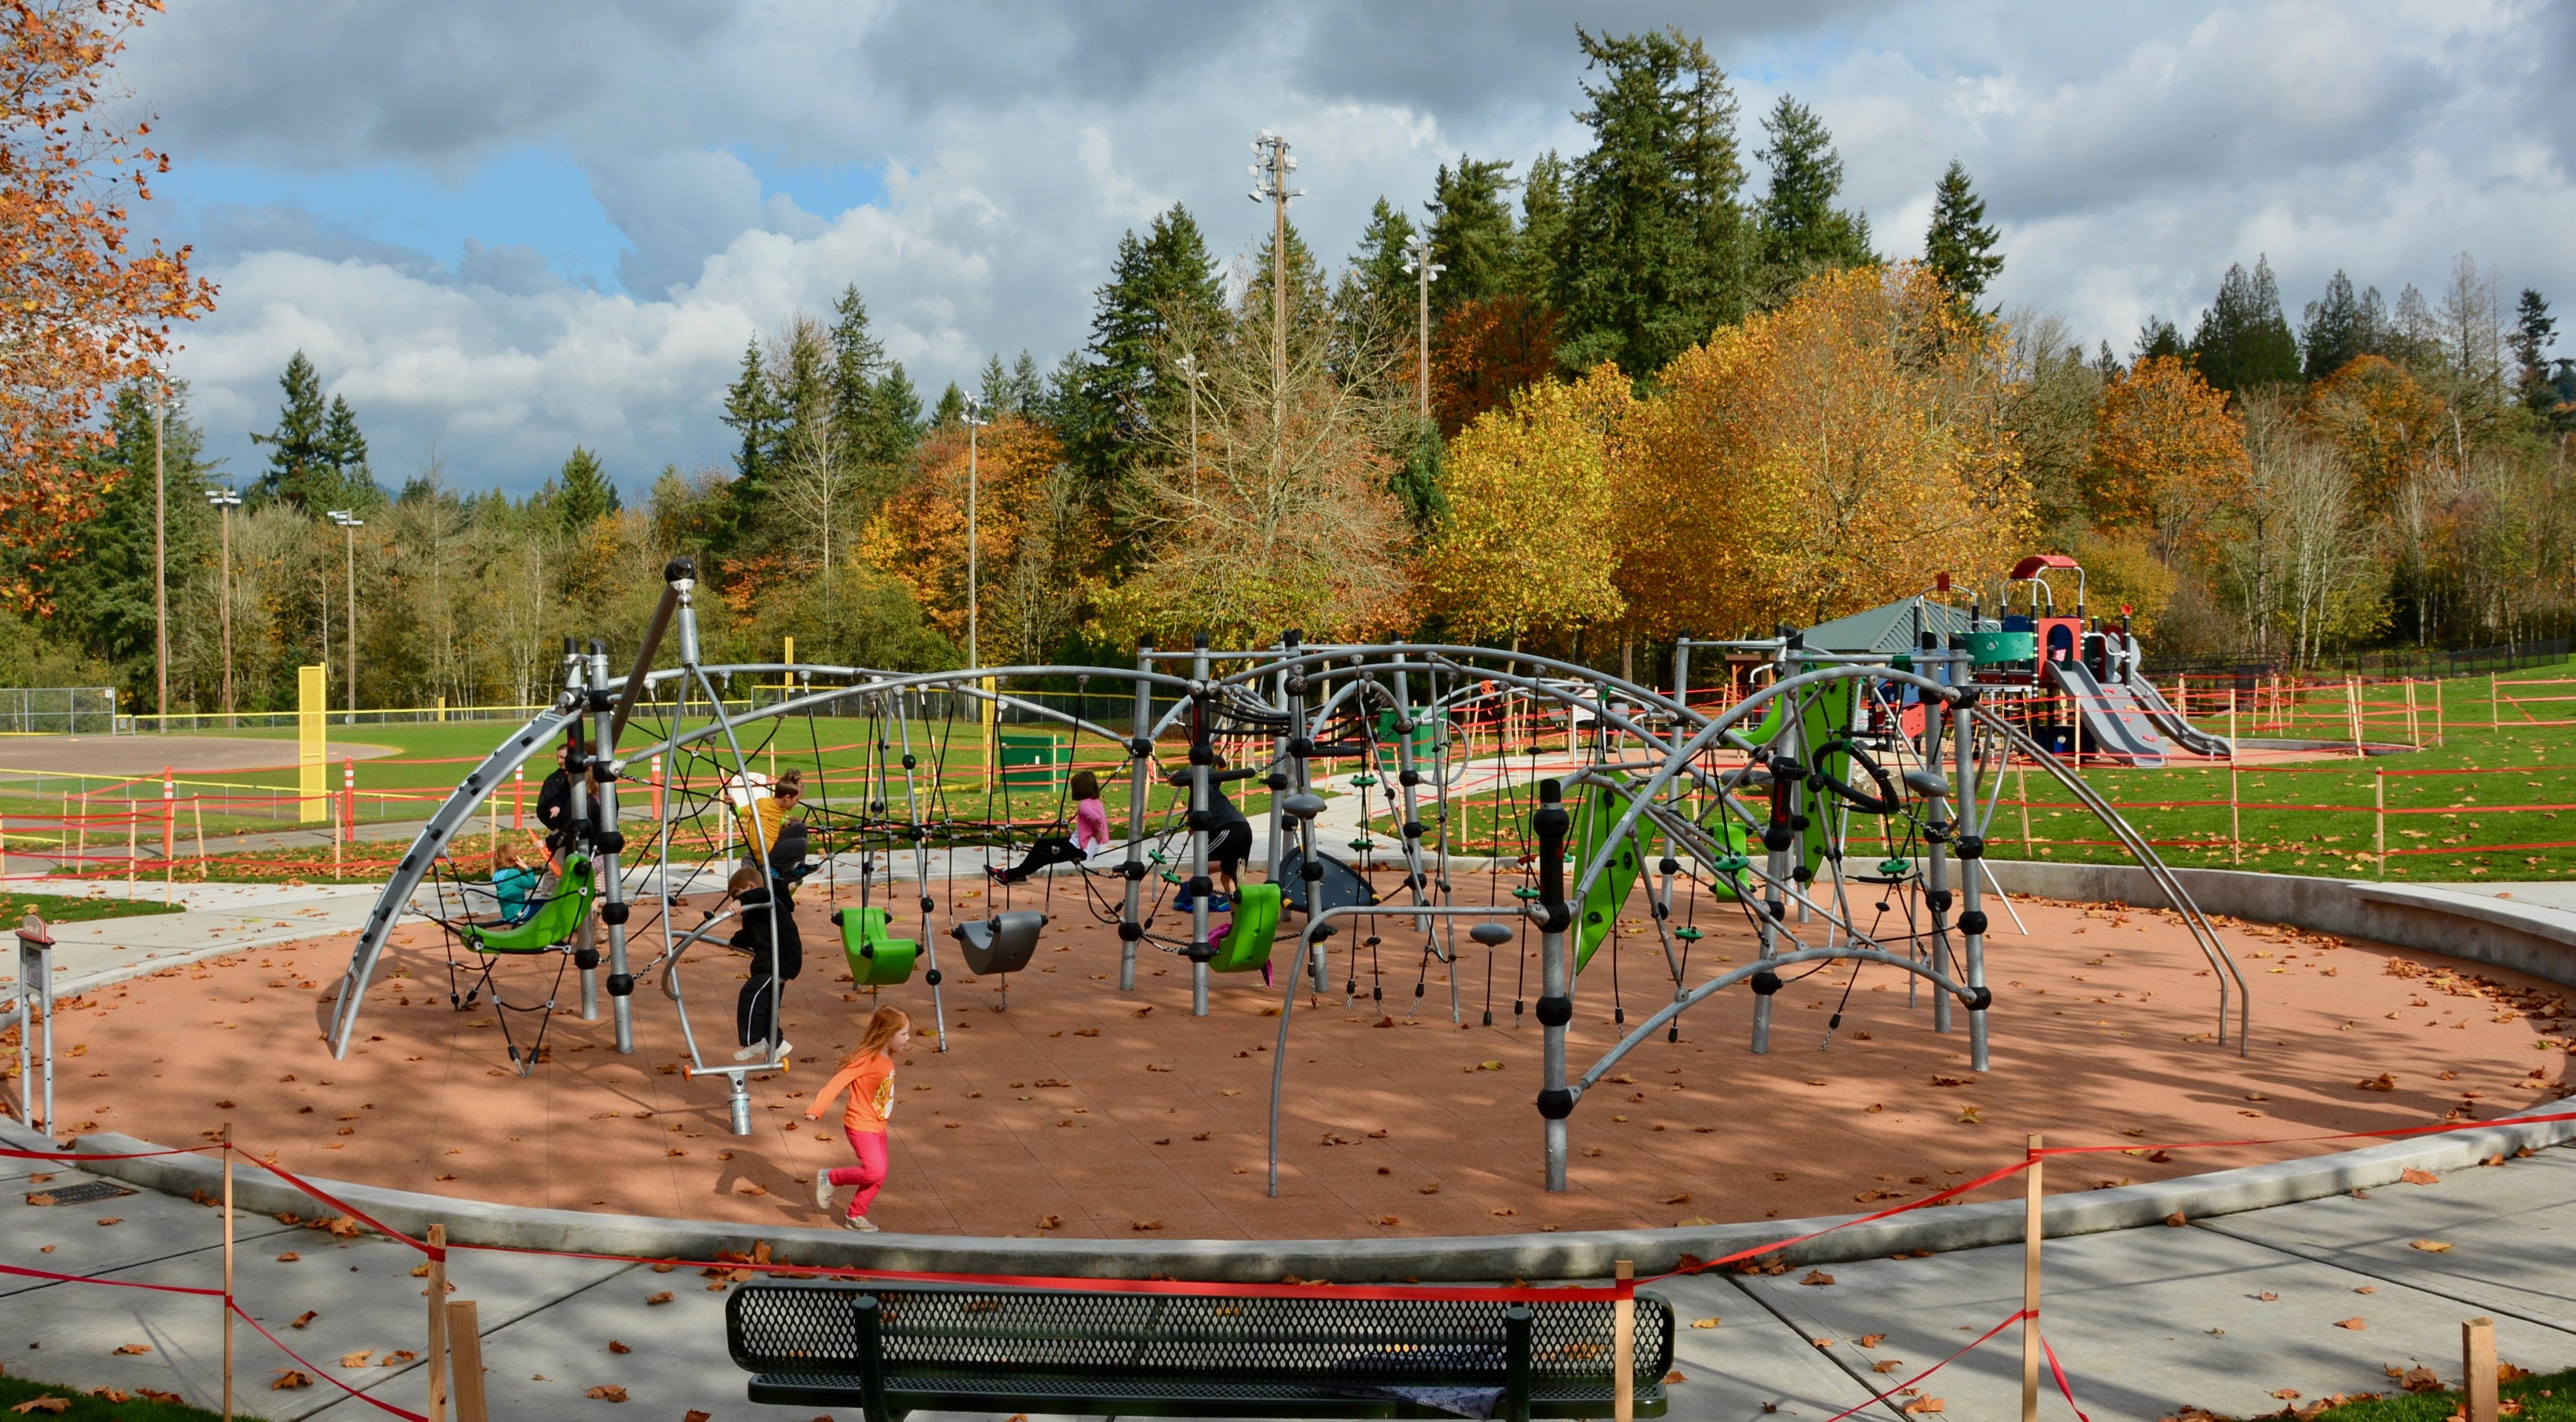 New Playground Equipment at Petrovitsky Park